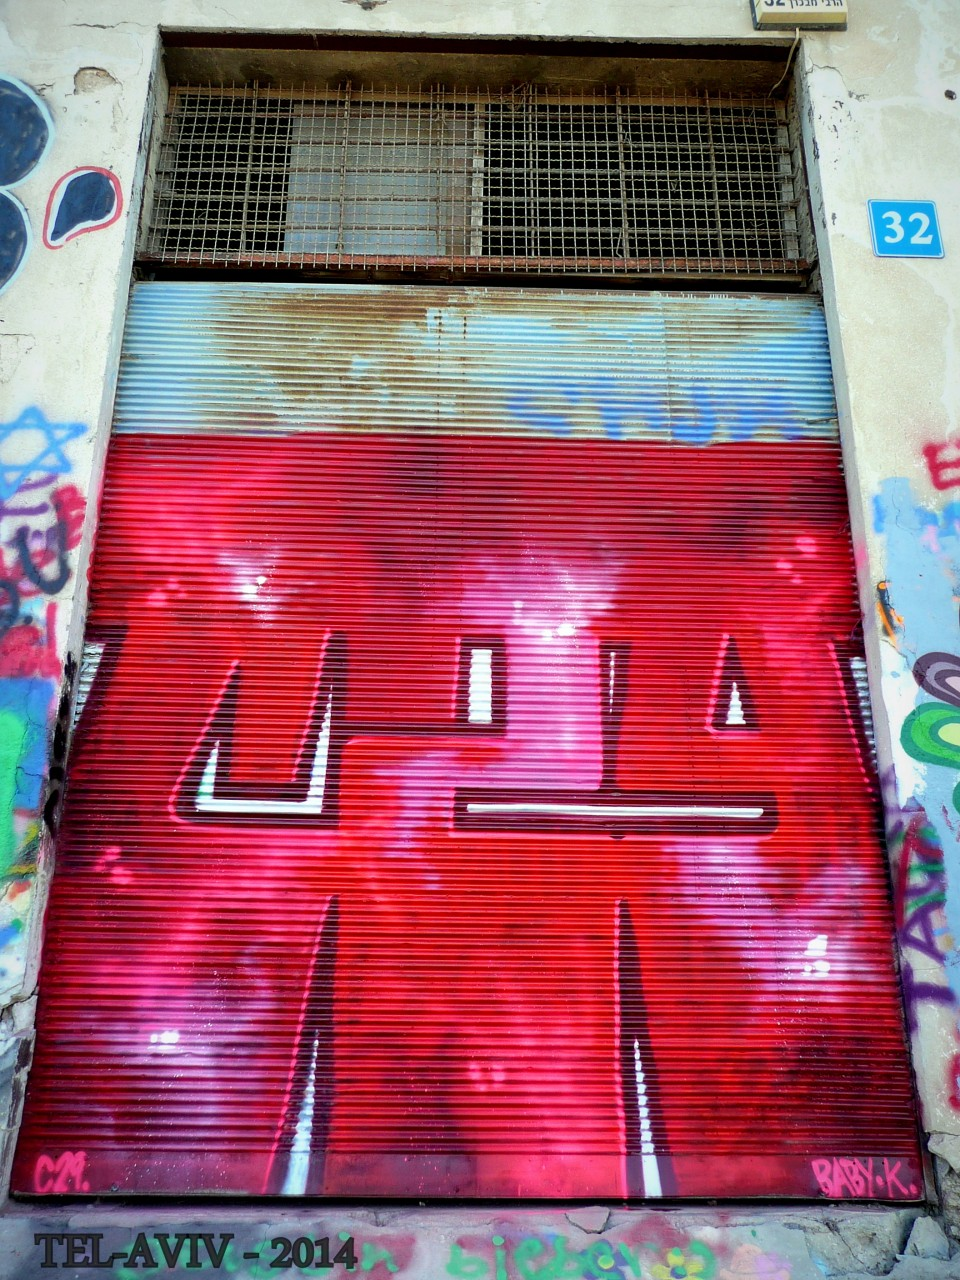 Street art - rideaux de fer, C29.Tel-aviv 2014